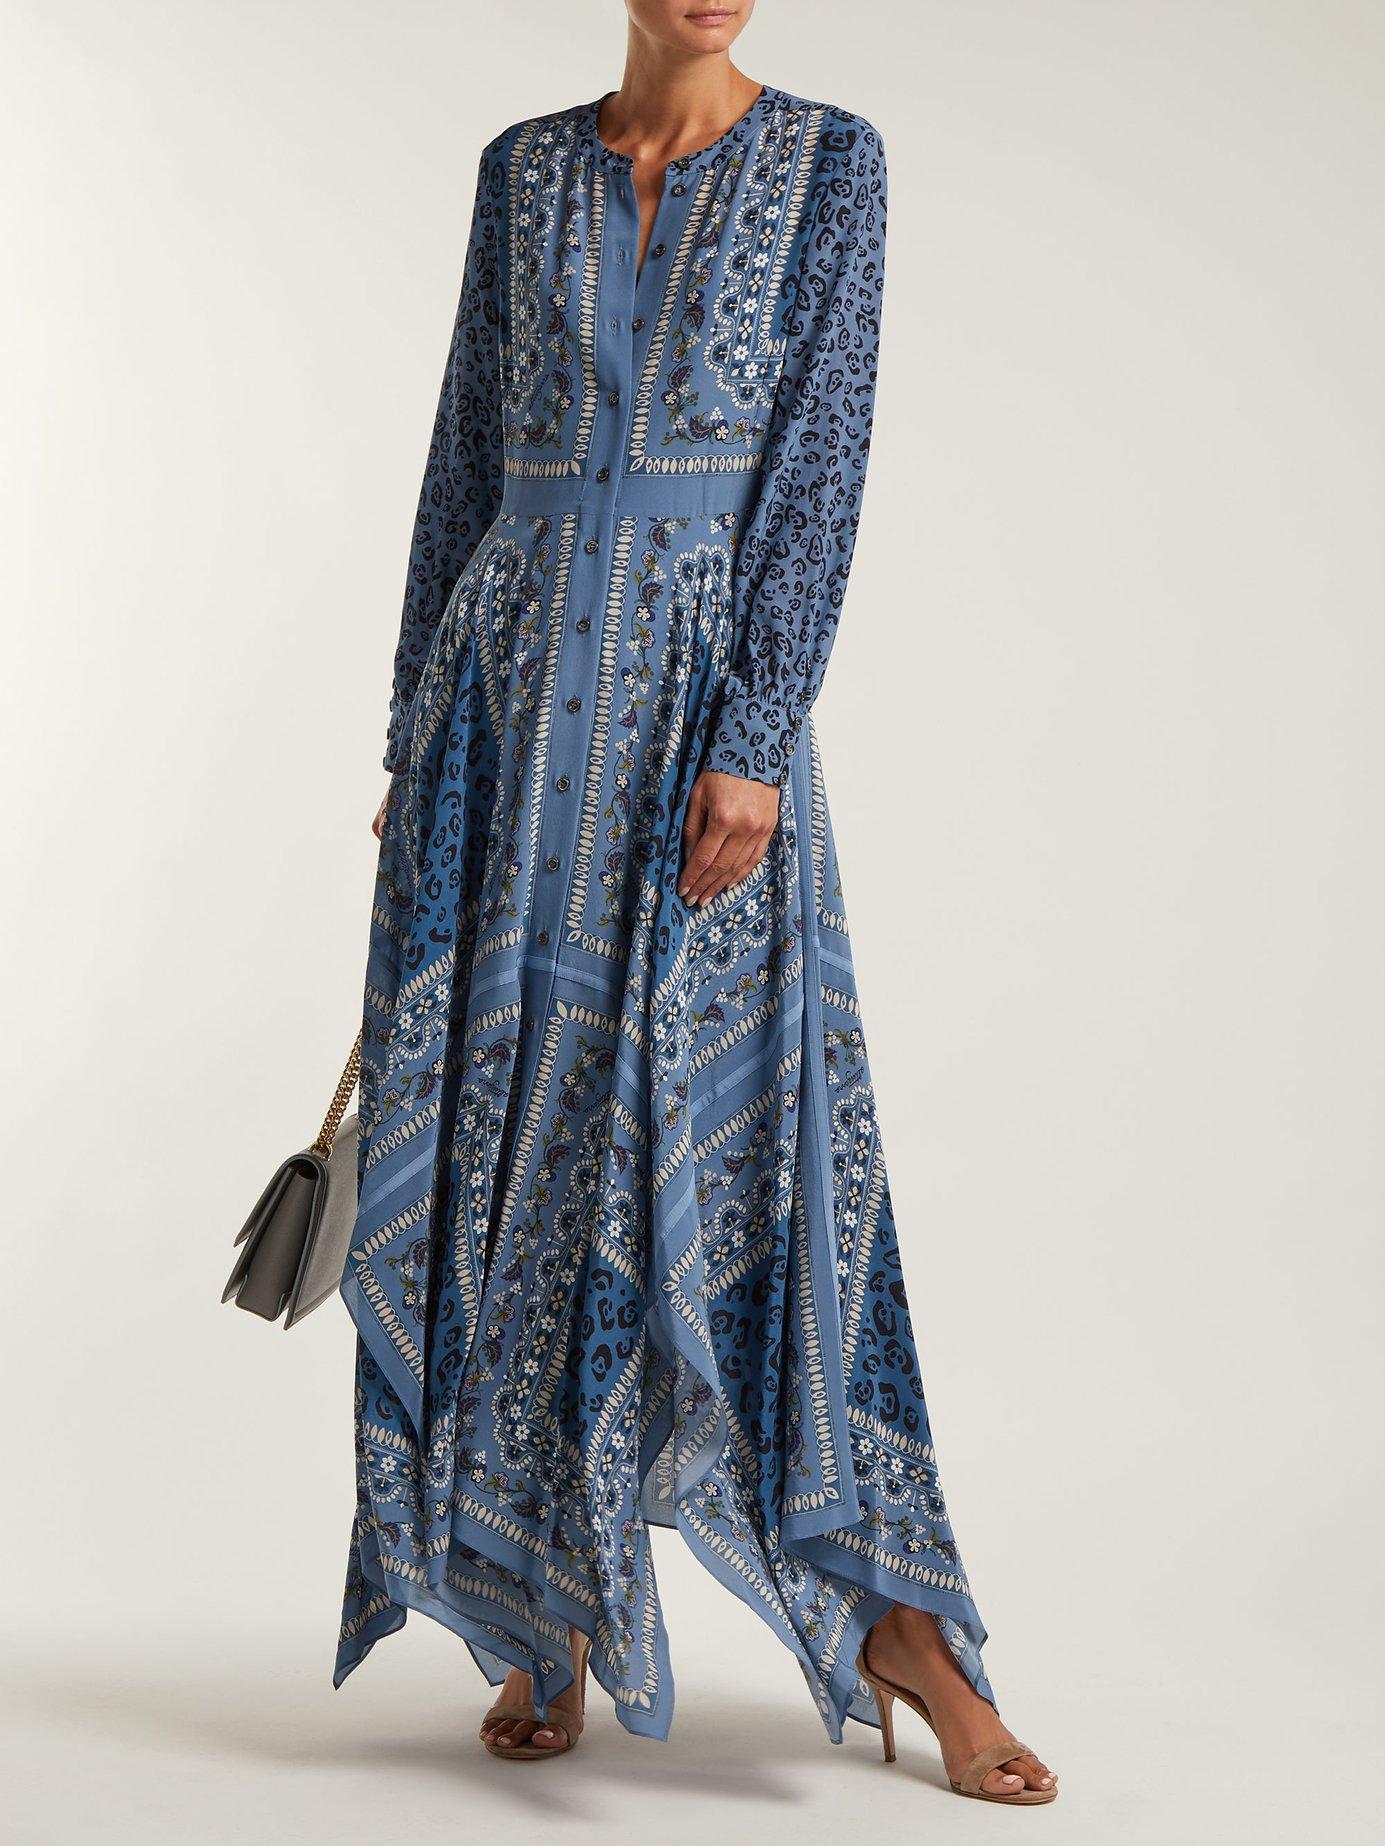 Tamourine scarf-print dress by Altuzarra